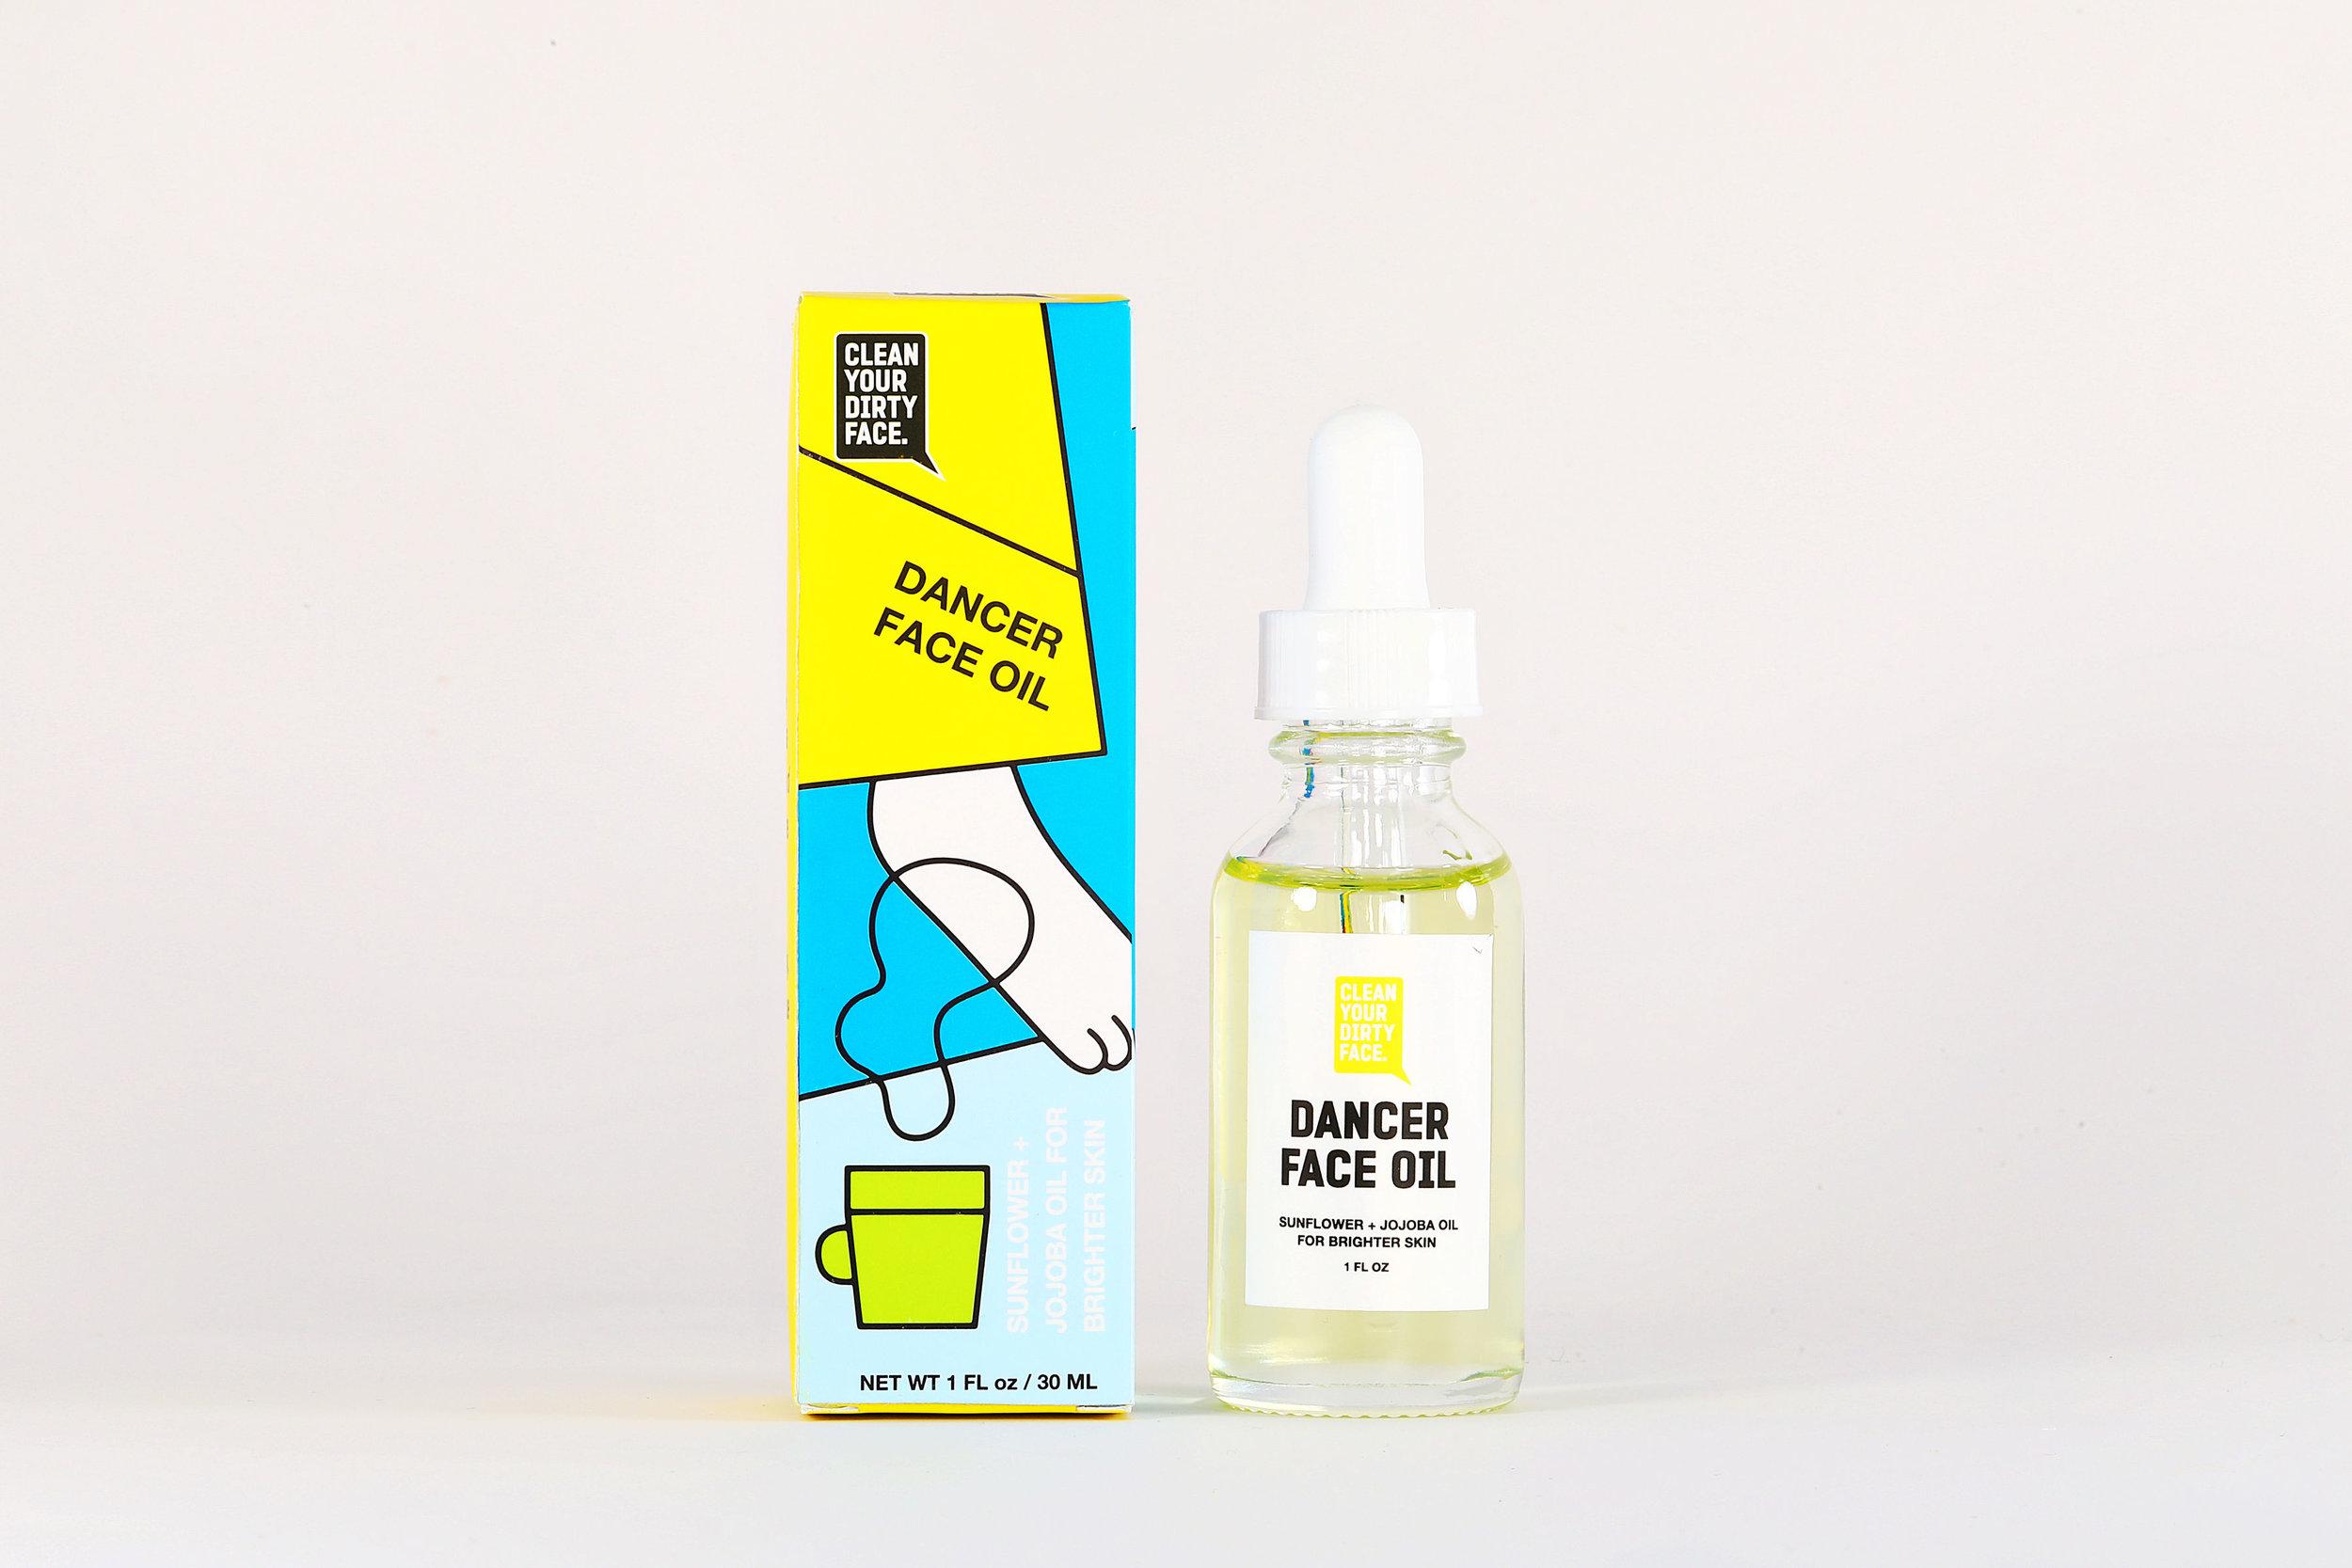 Dancer Face Oil - $52.00